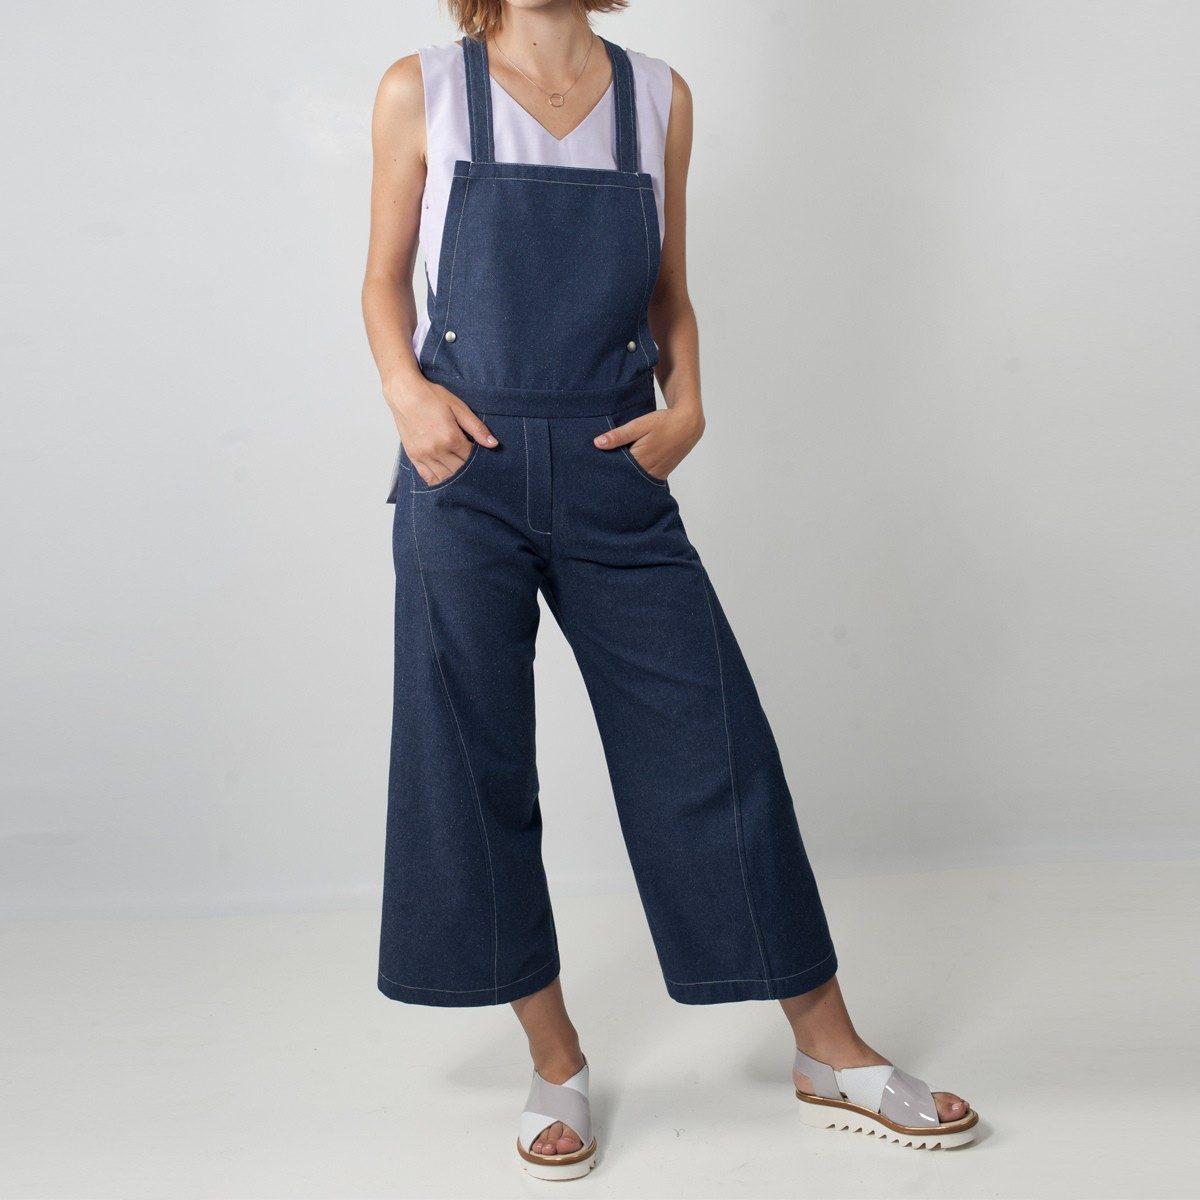 WYLDE - salopette jeans peny